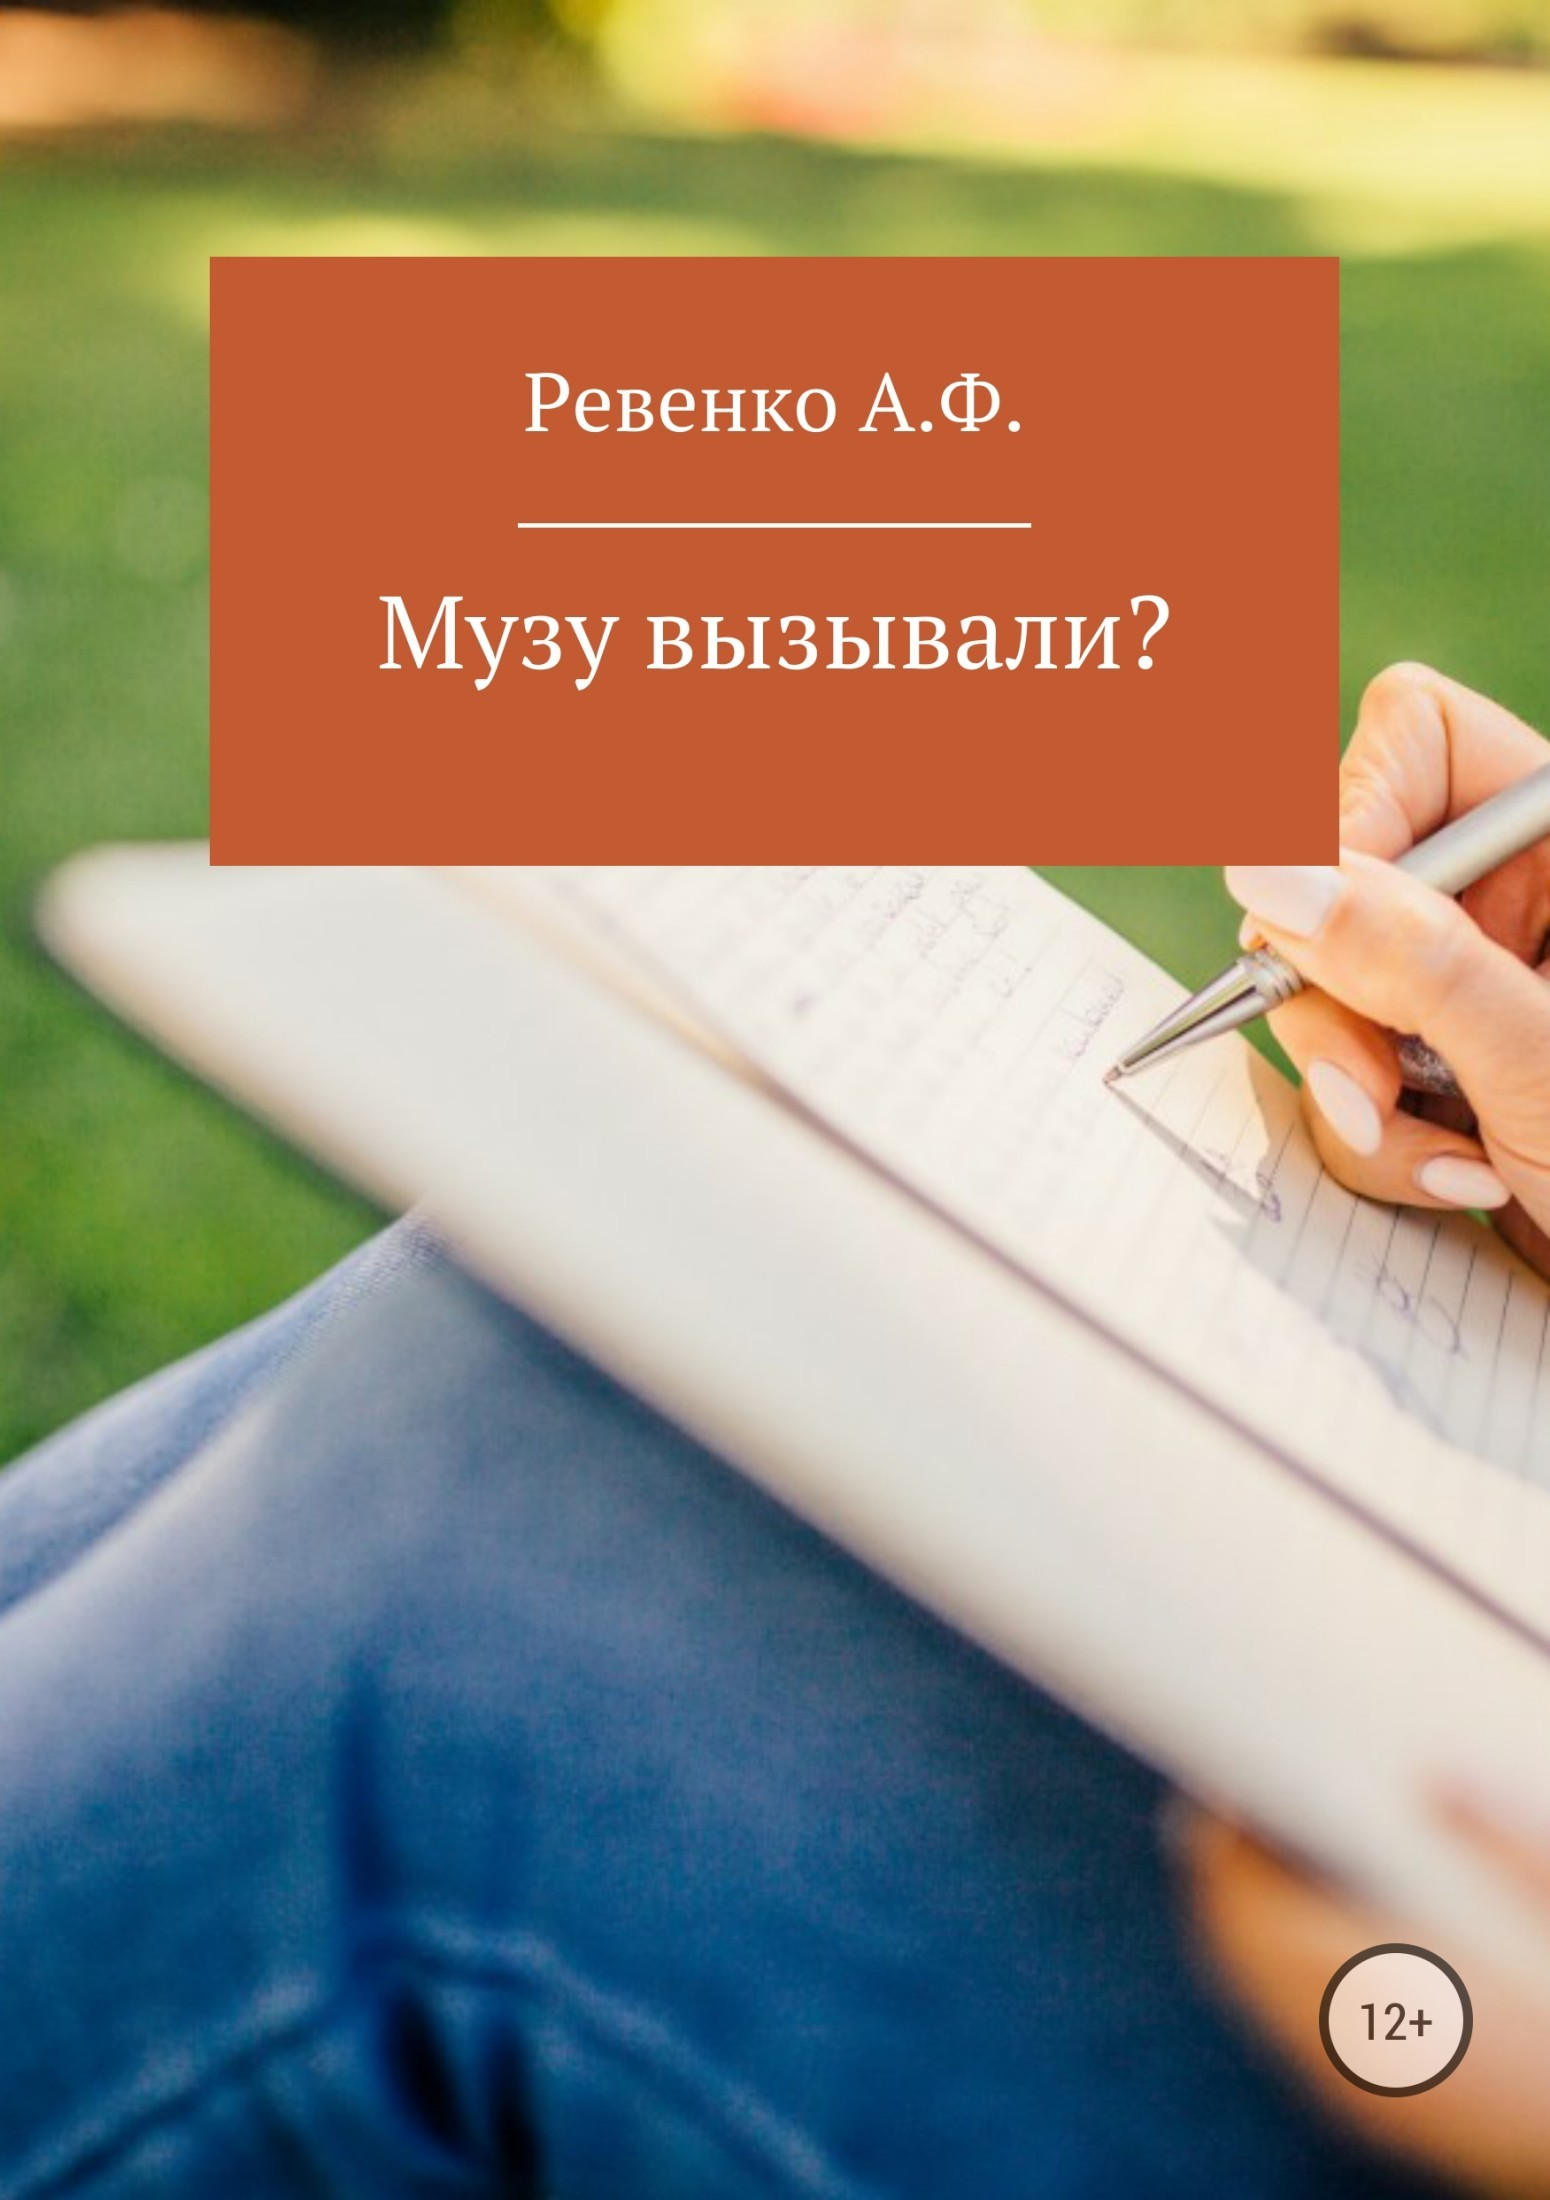 Анна Федоровна Ревенко. Музу вызывали?